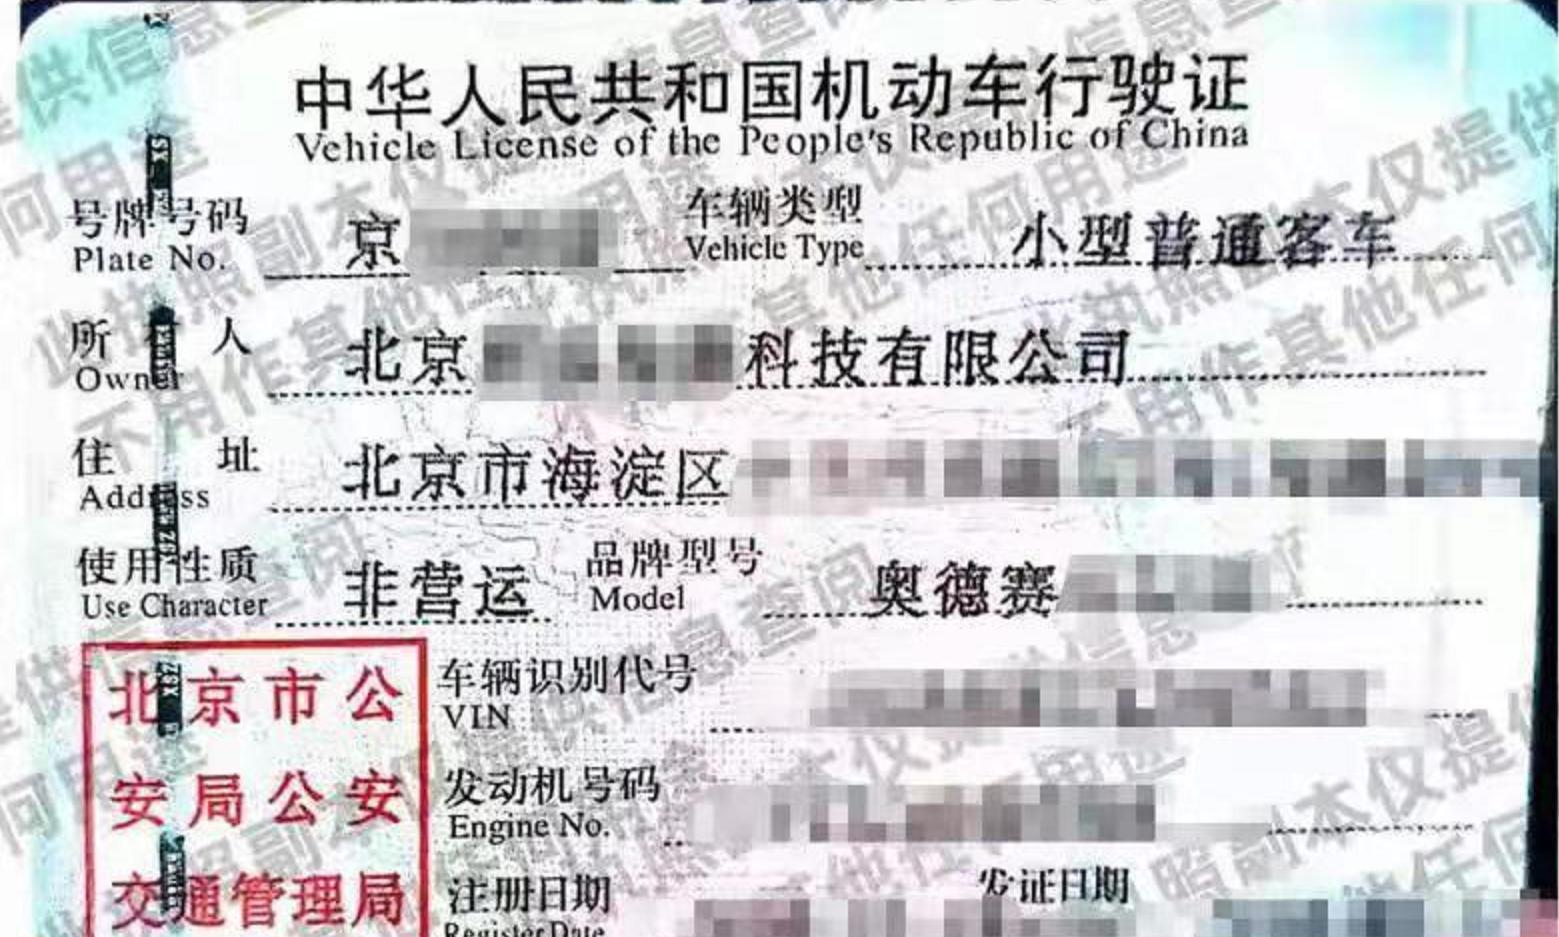 北京企业公司户车牌转让20几万